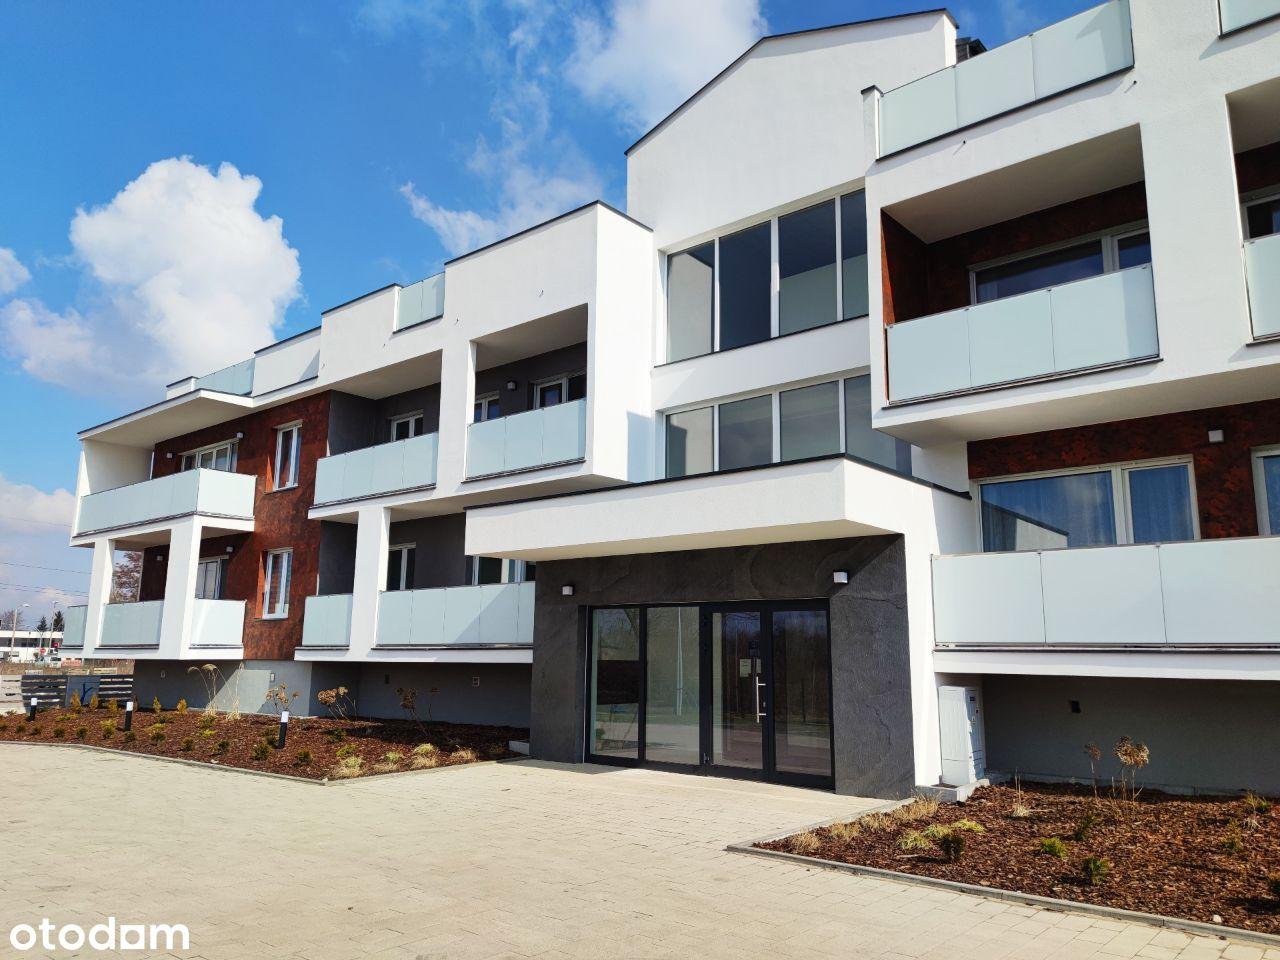 Dwupoziomowe Mieszkanie Kniaziewicza 42 A15